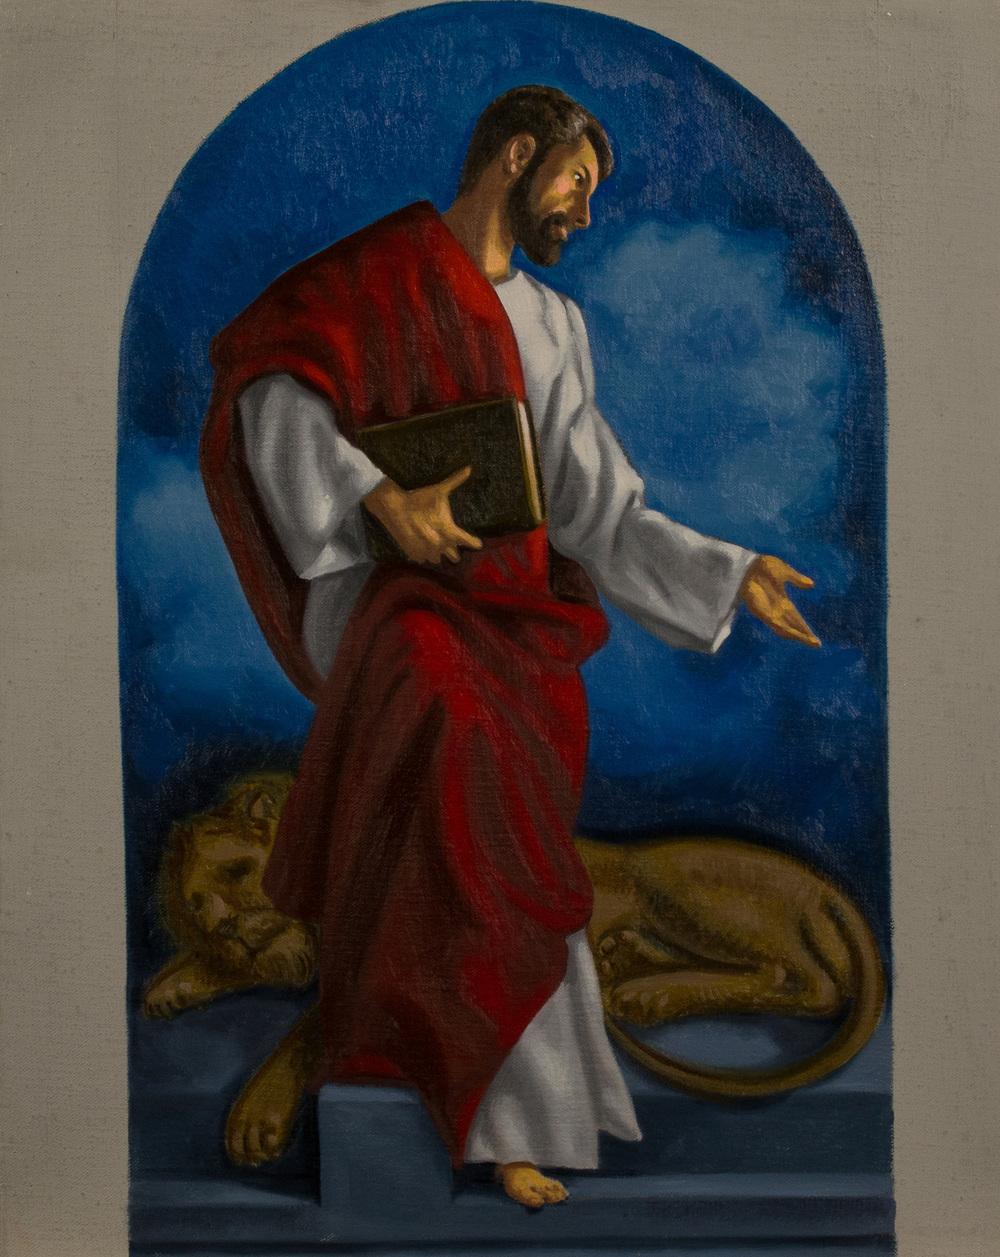 Bozzetto. San Marco , Ciclo dei Quattro Evangelisti per l'Aula Magna della PUU, olio su tela, cm 50x40, 2014